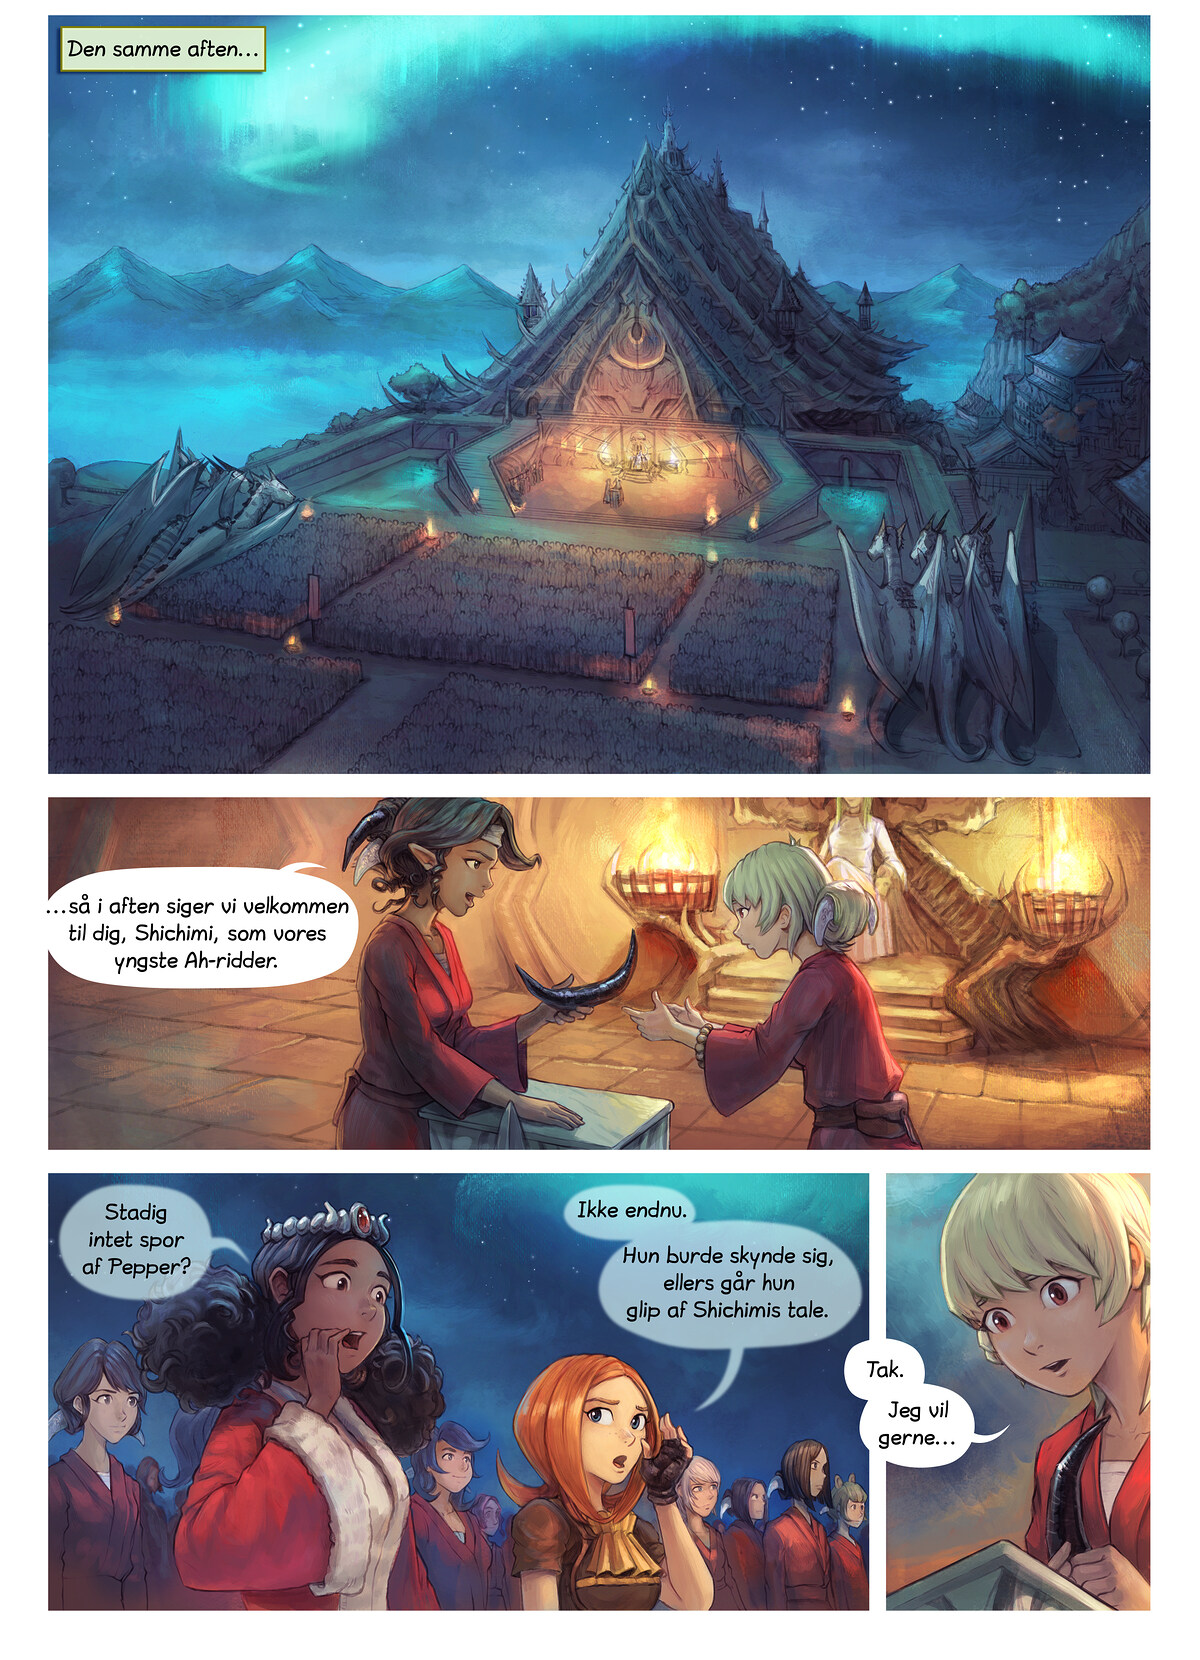 Episode 34: Shichimi slås til ridder, Page 1